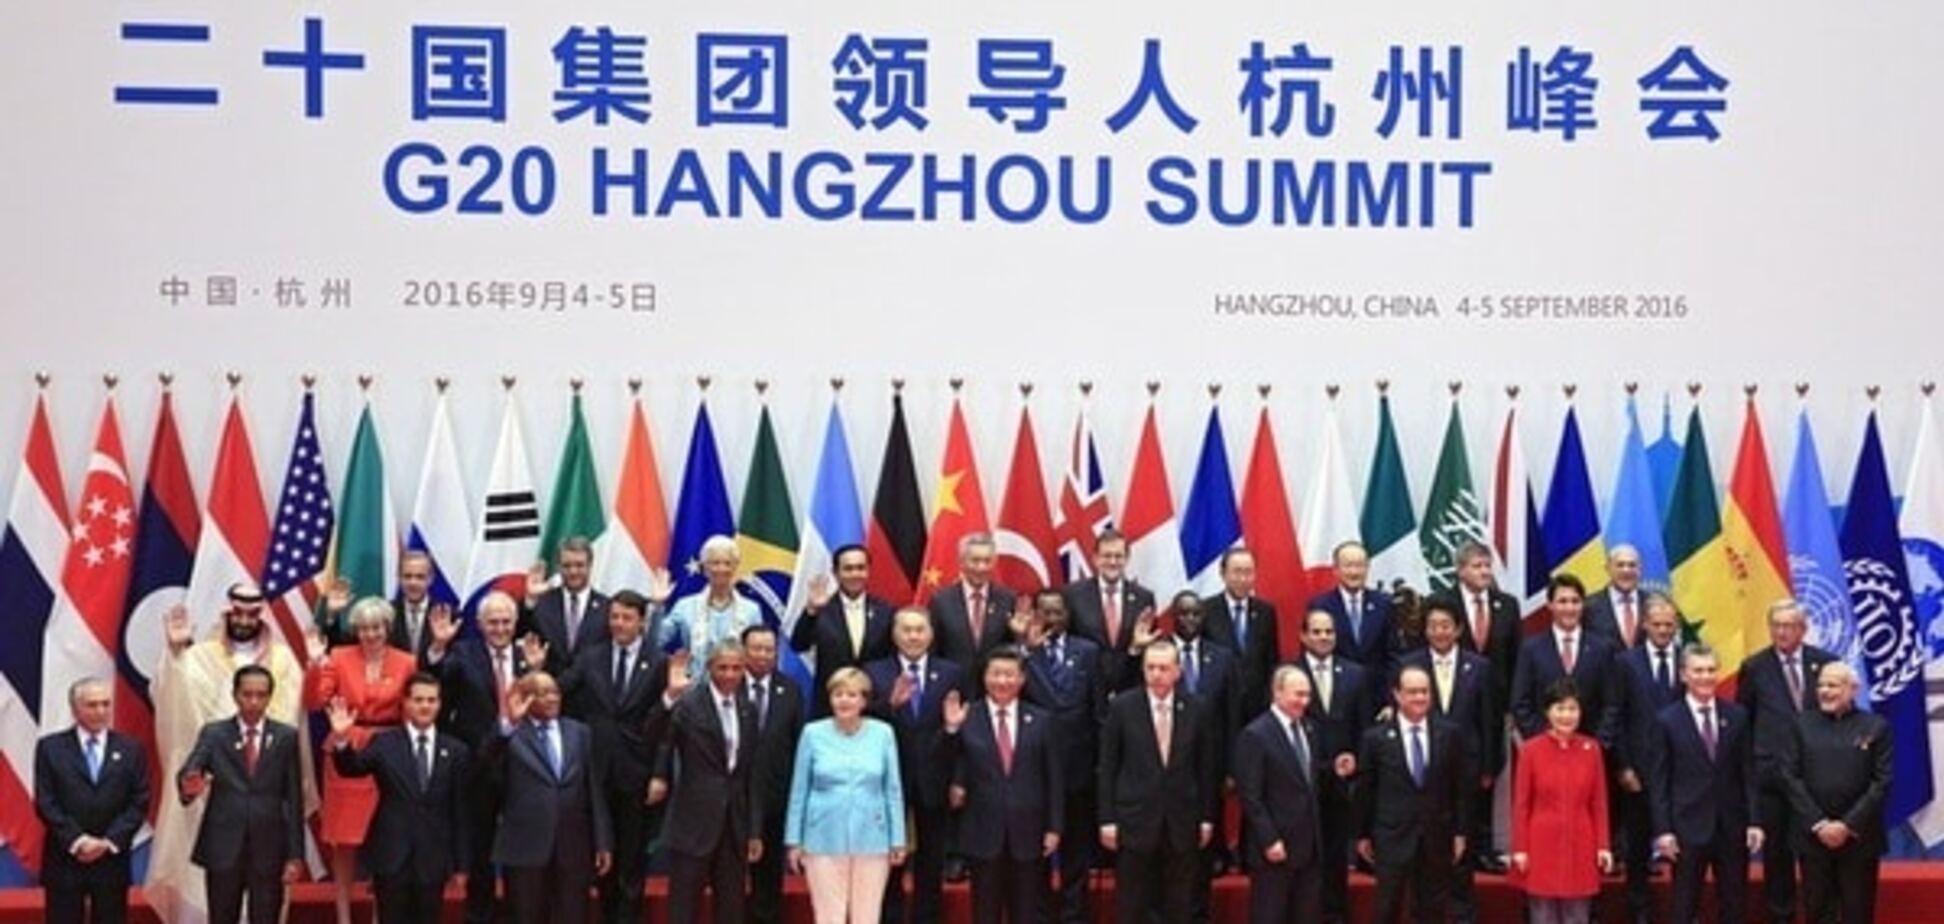 Добра мозаїка: експерт оцінив підсумки саміту G20 для України